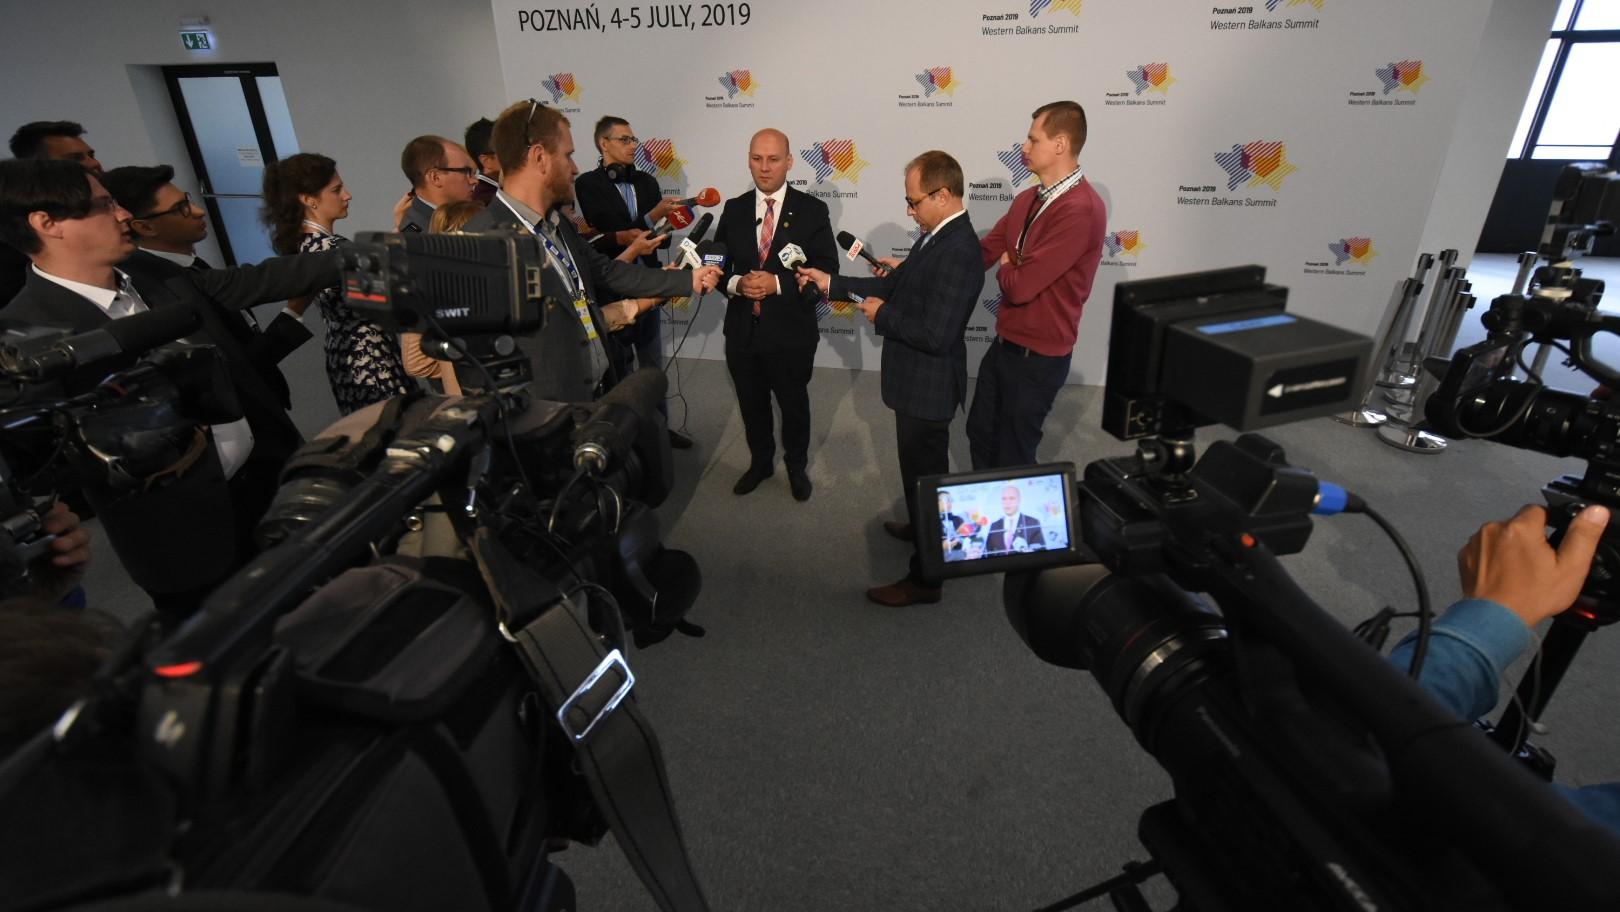 szczyt bałkański media - Wojtek Wardejn